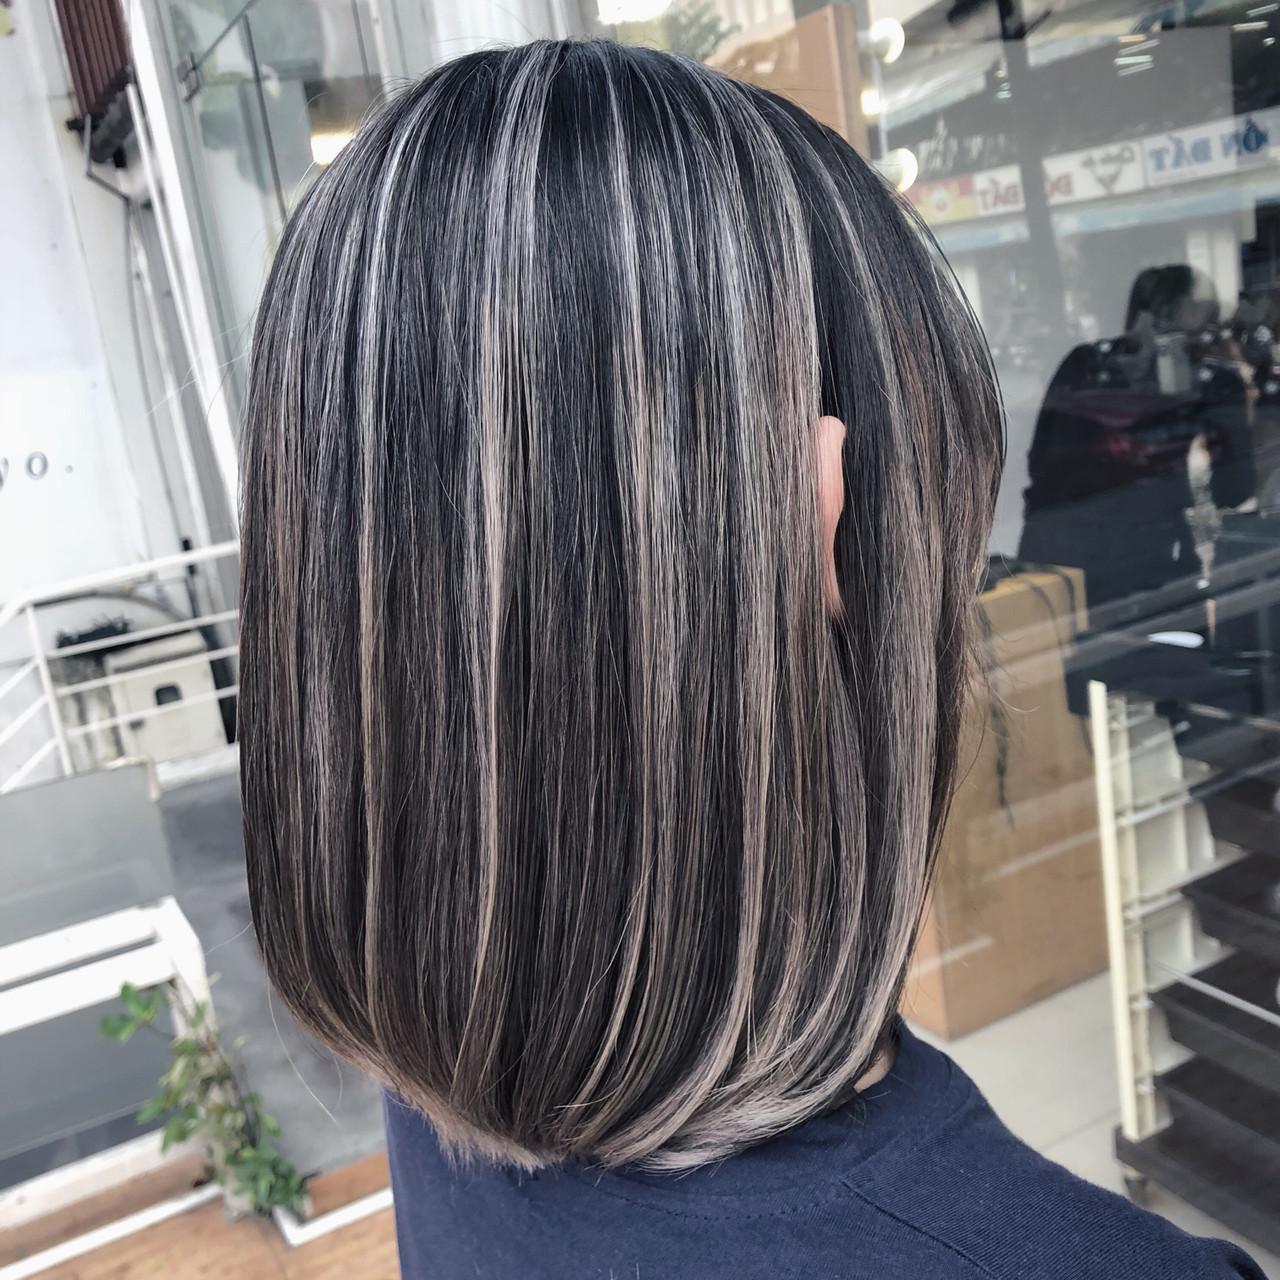 切りっぱなしボブ ナチュラル ショートヘア ベリーショート ヘアスタイルや髪型の写真・画像